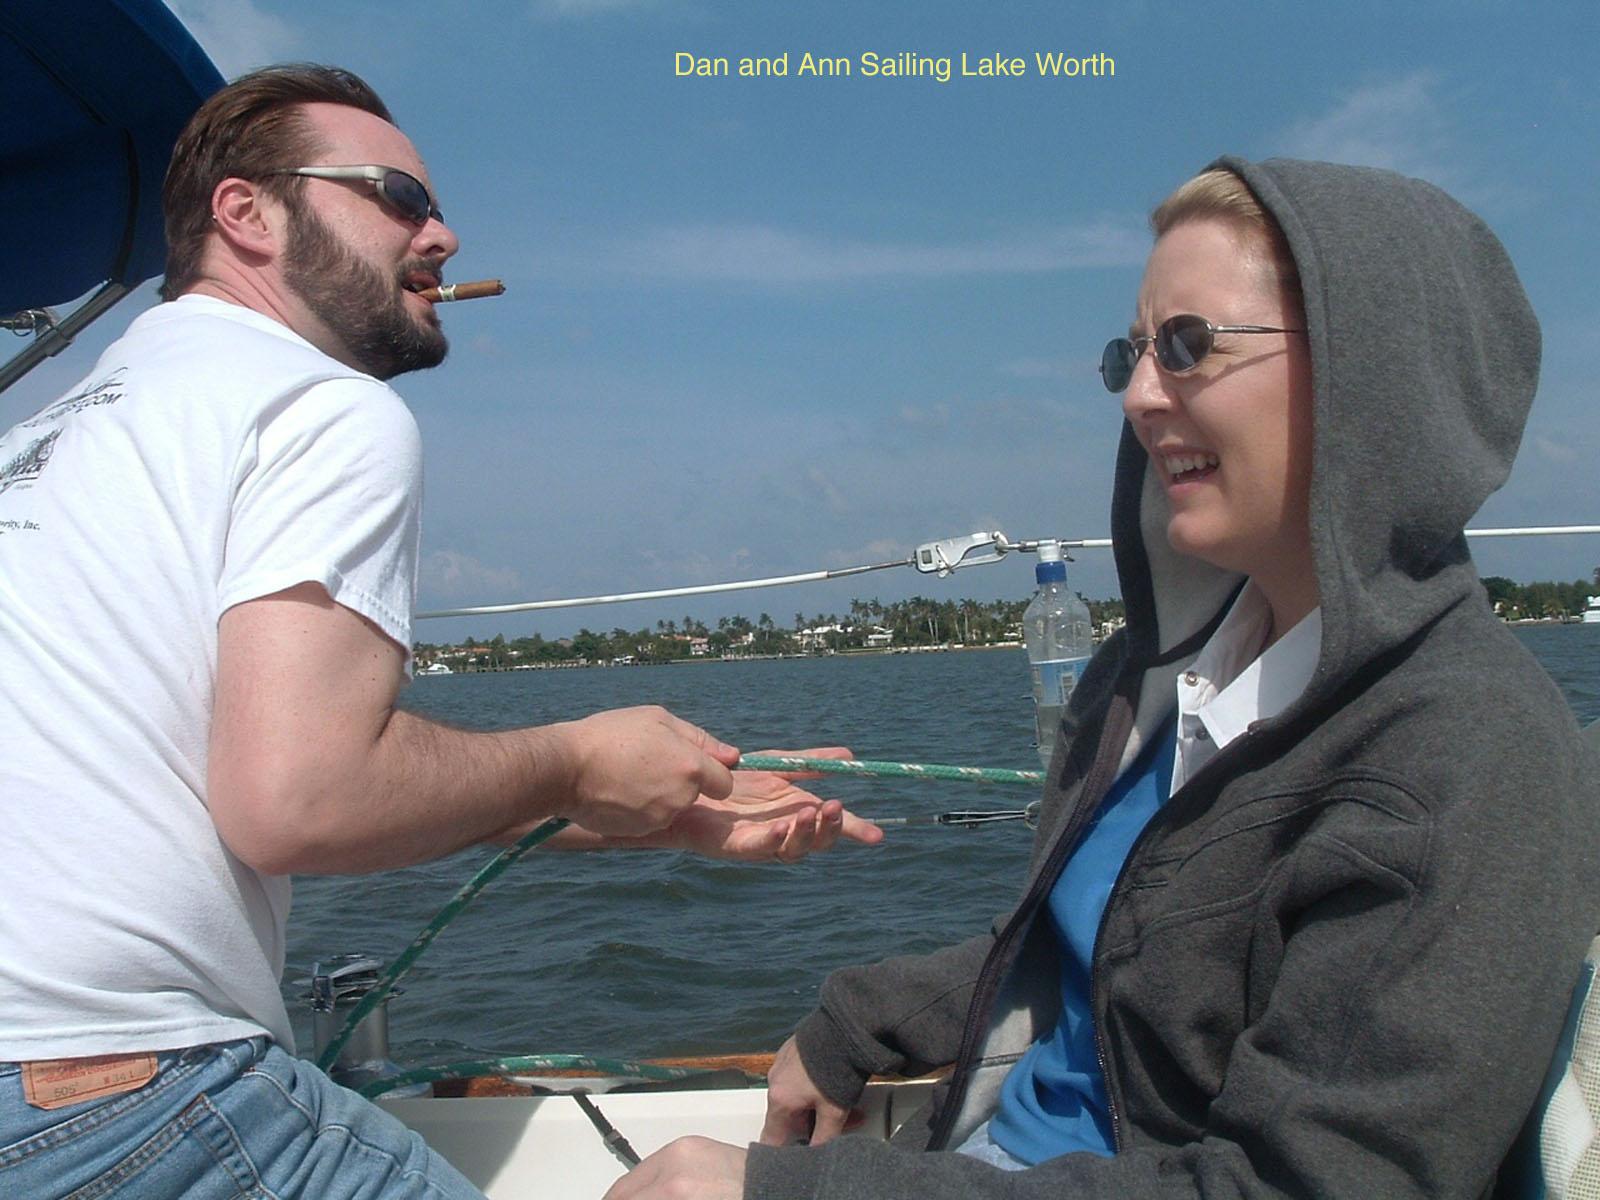 [ann+and+Dan+Sailin+g.jpg+]